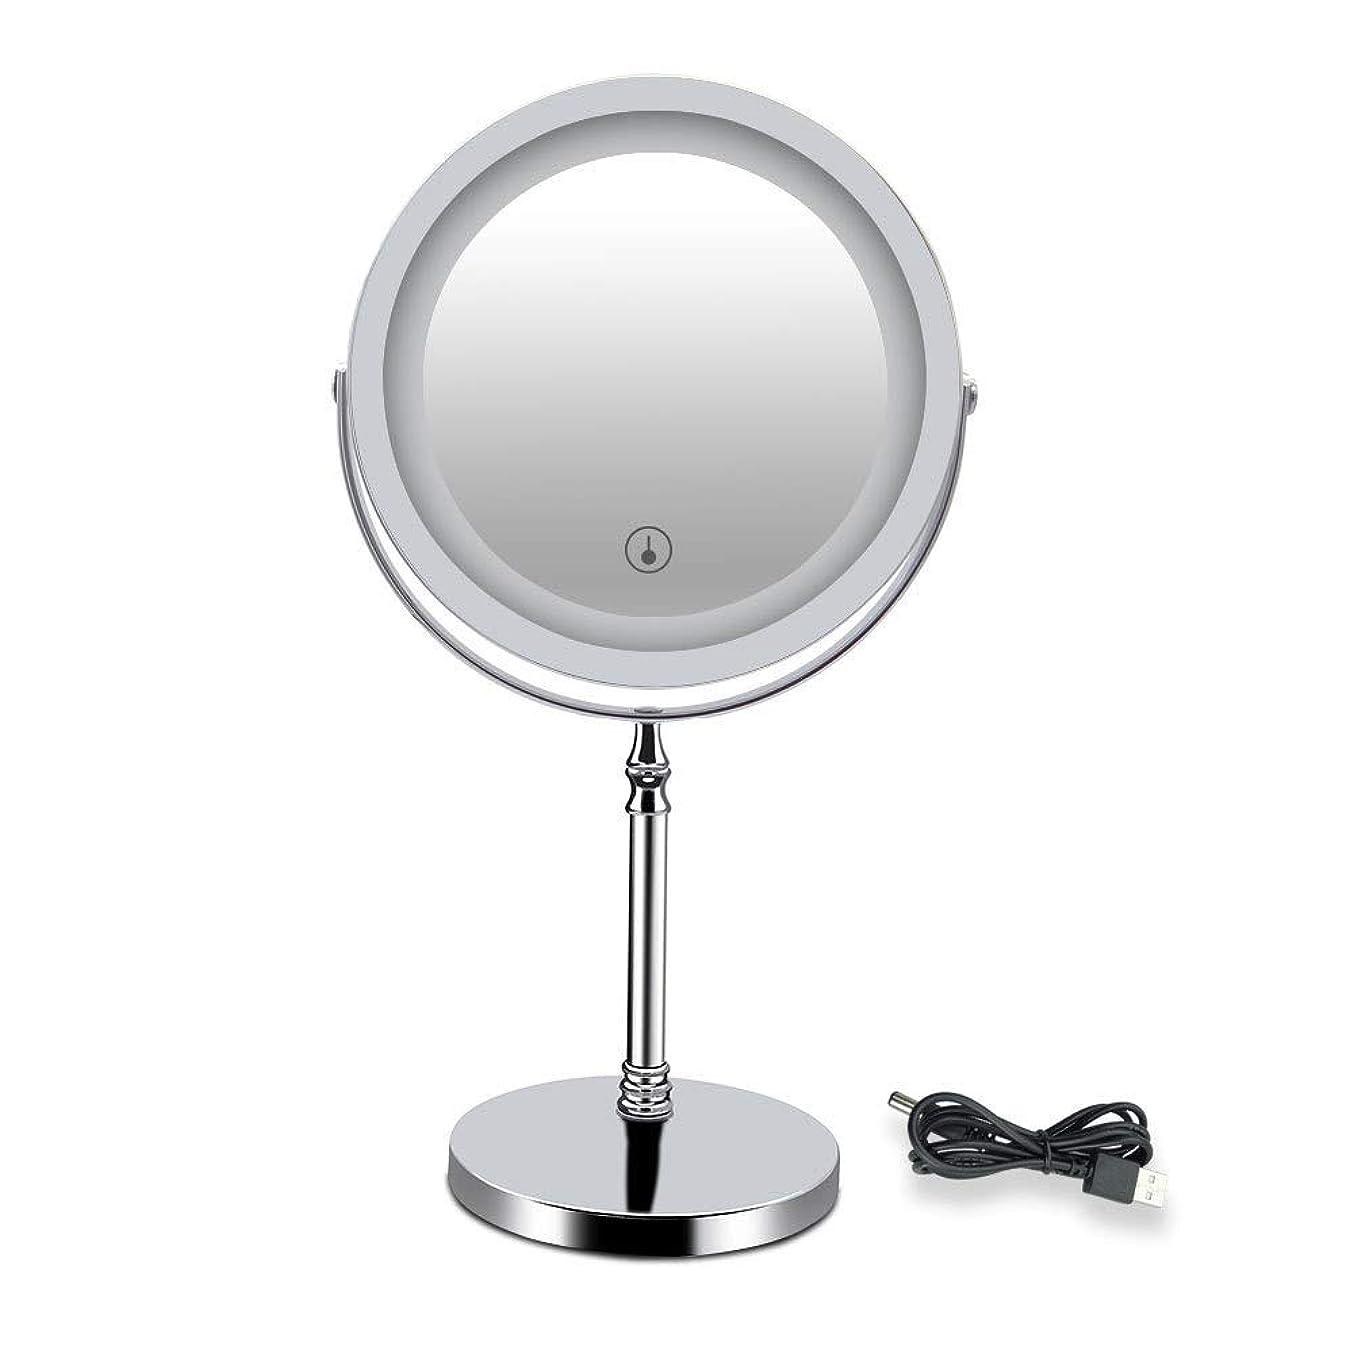 北母音バインド流行の LED化粧鏡USB充電タッチは7インチ10倍ダブルミラーシルバーを暗くすることができます